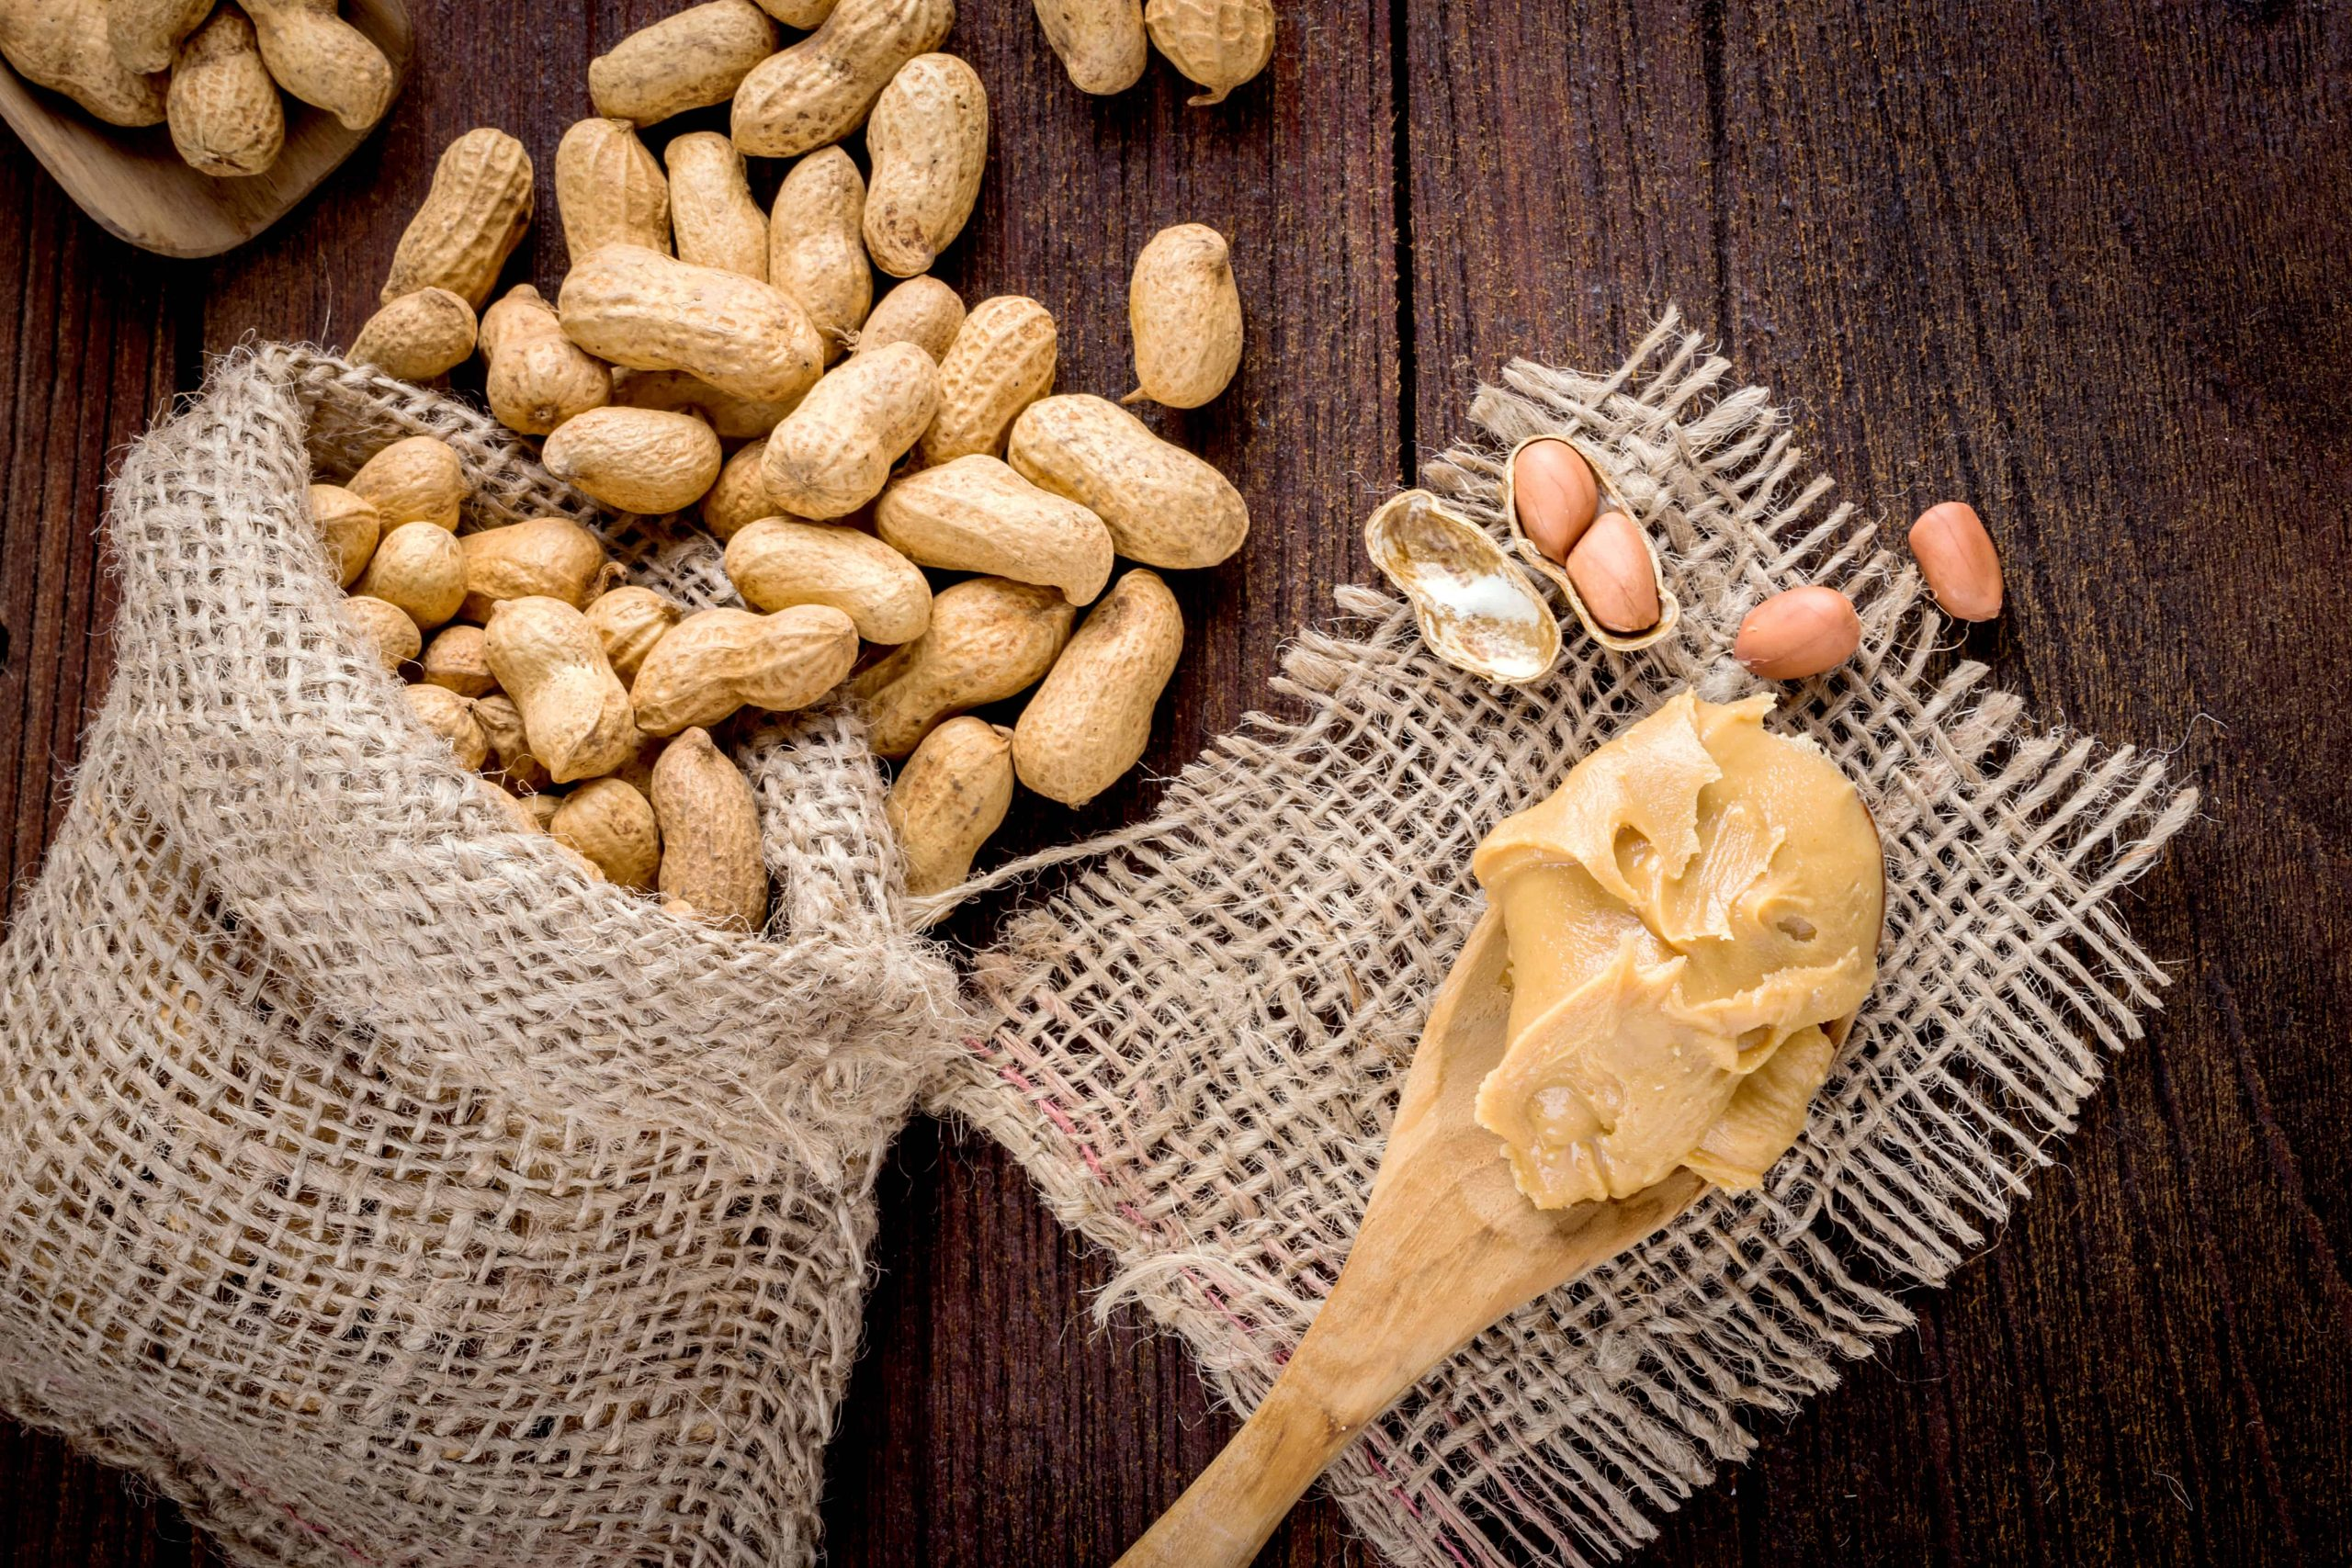 Sind Erdnüsse gesund: Die wichtigsten Fragen und Antworten